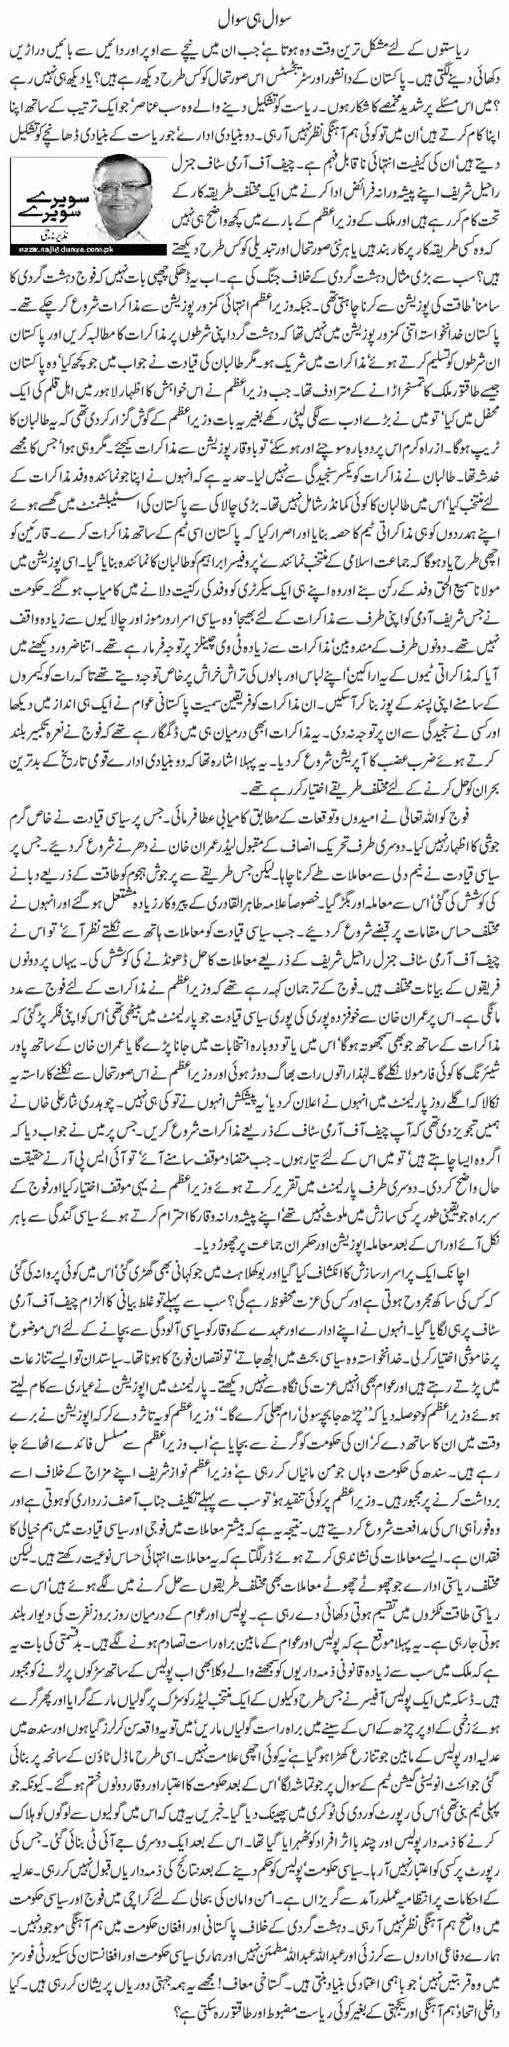 Sawal He Sawal By Nazir Naji Pakfunny